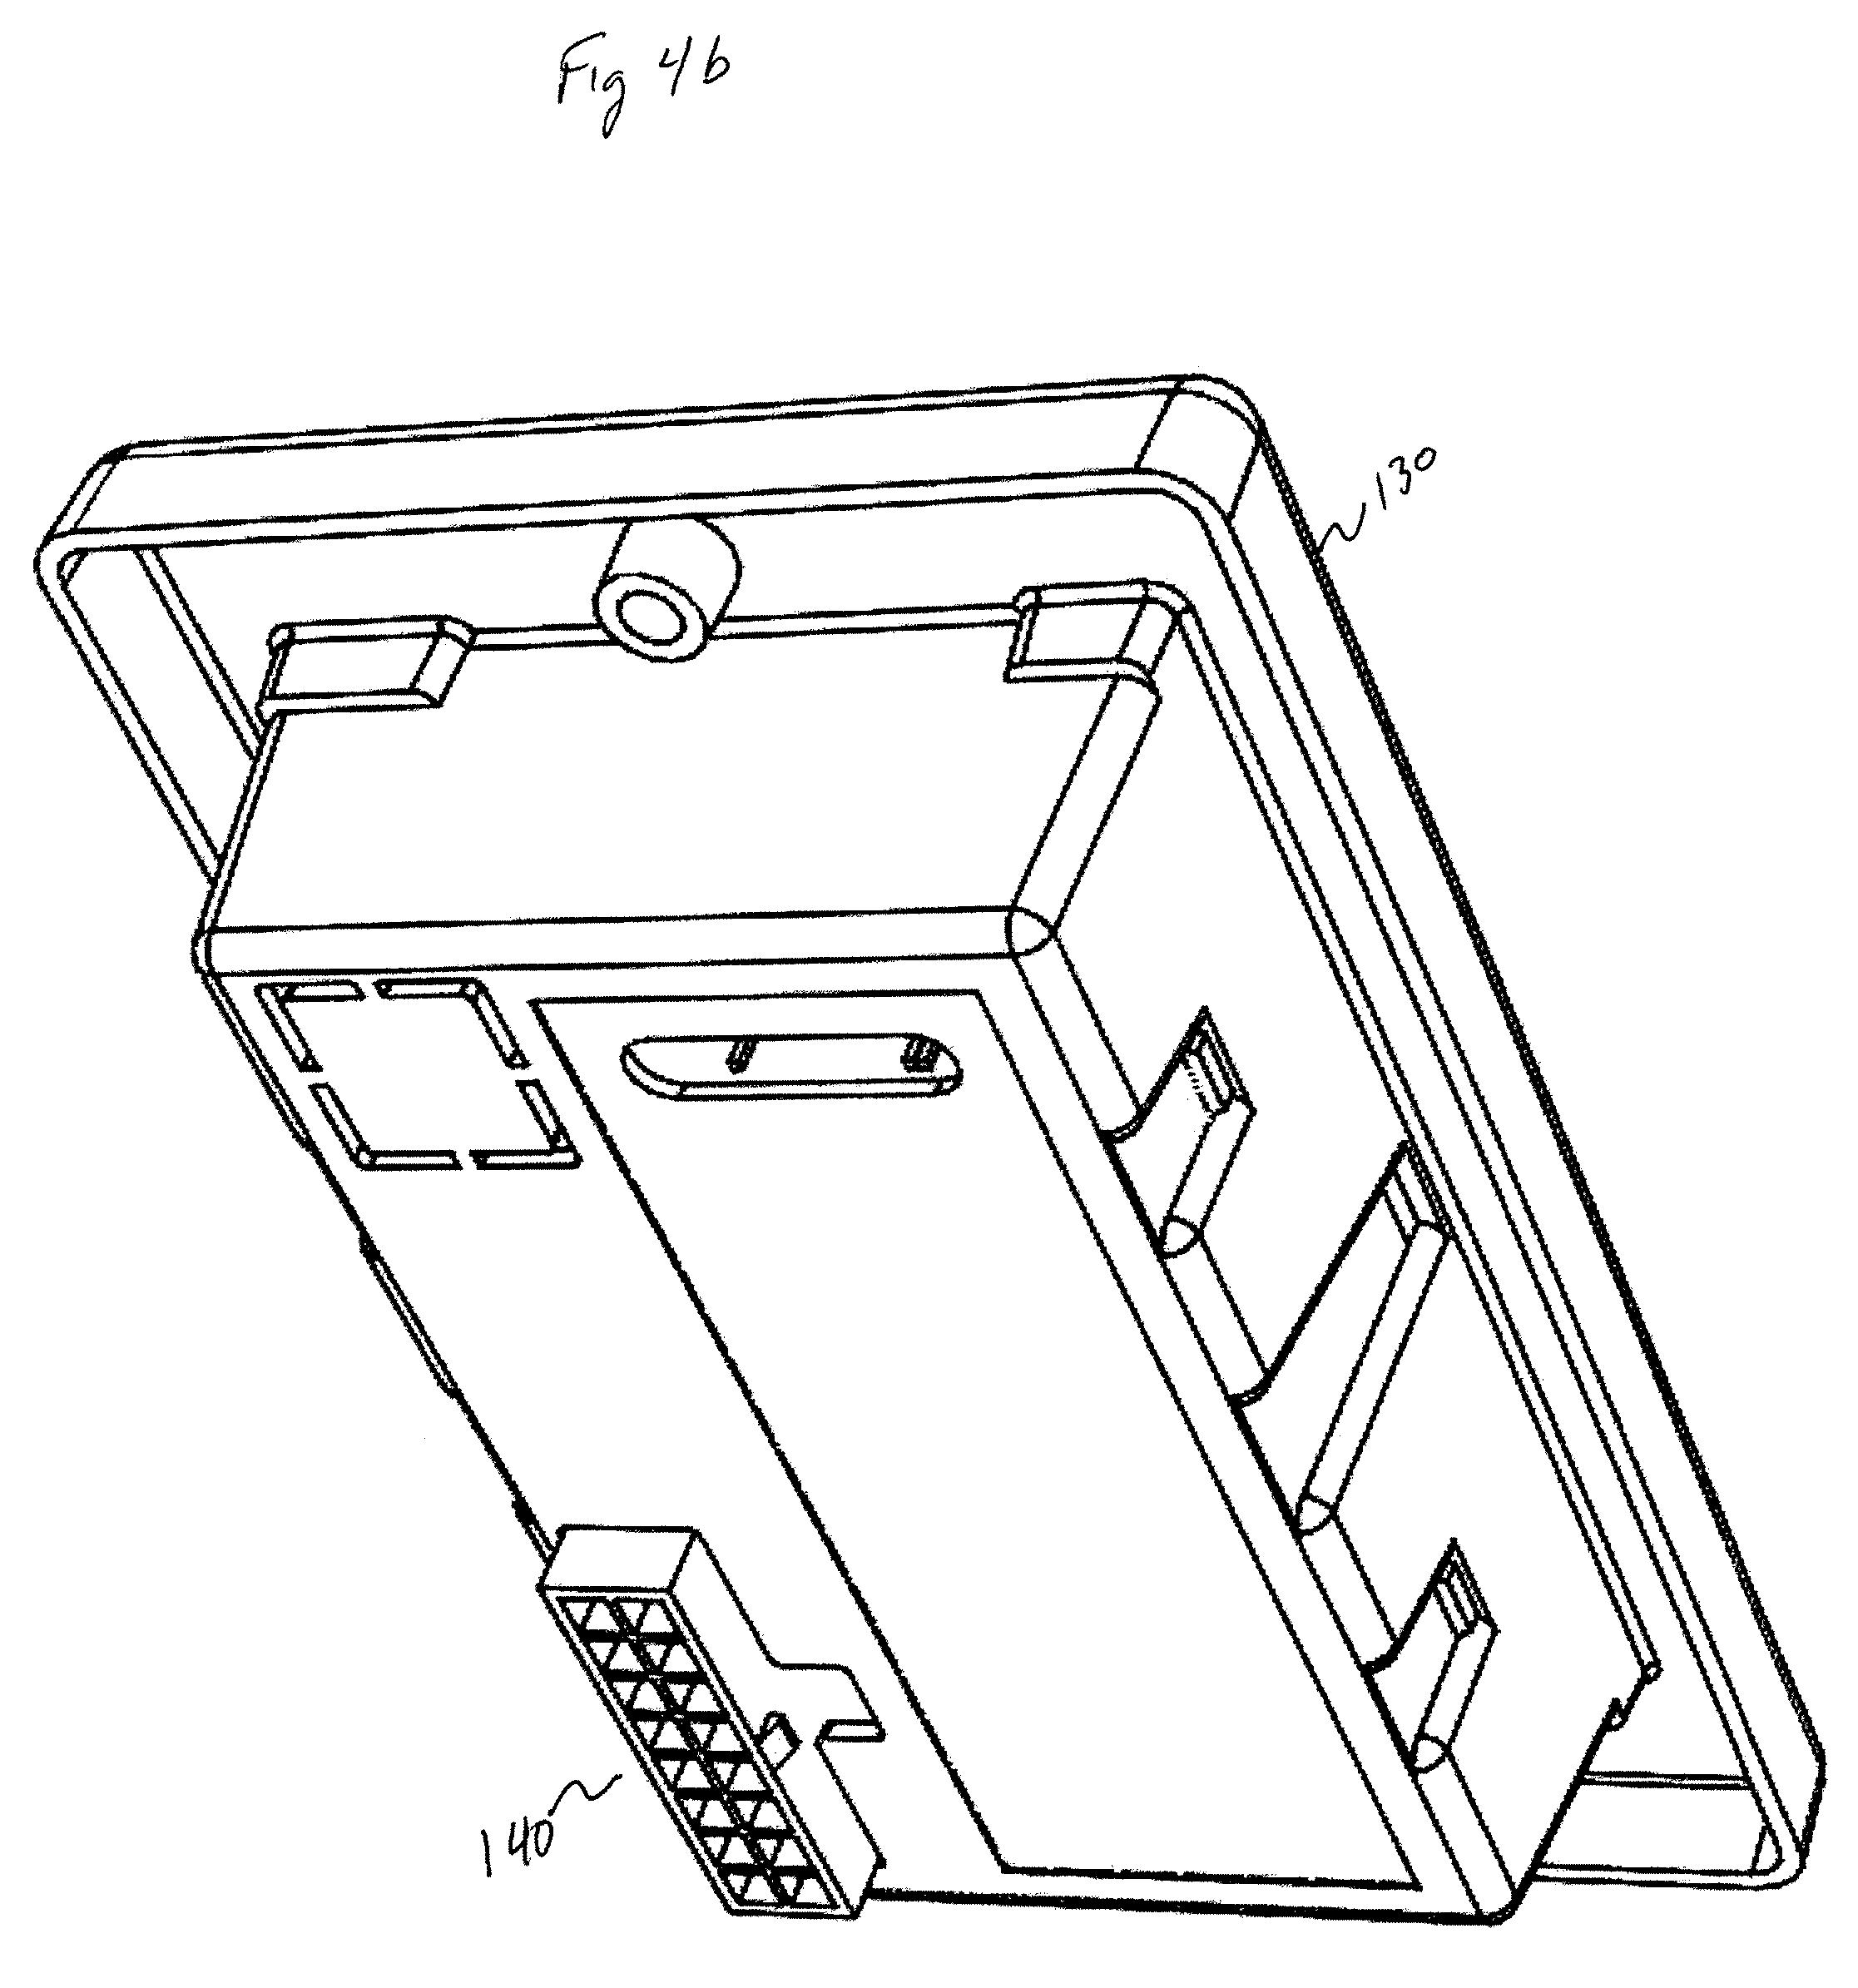 patent us7502668 - generator controller